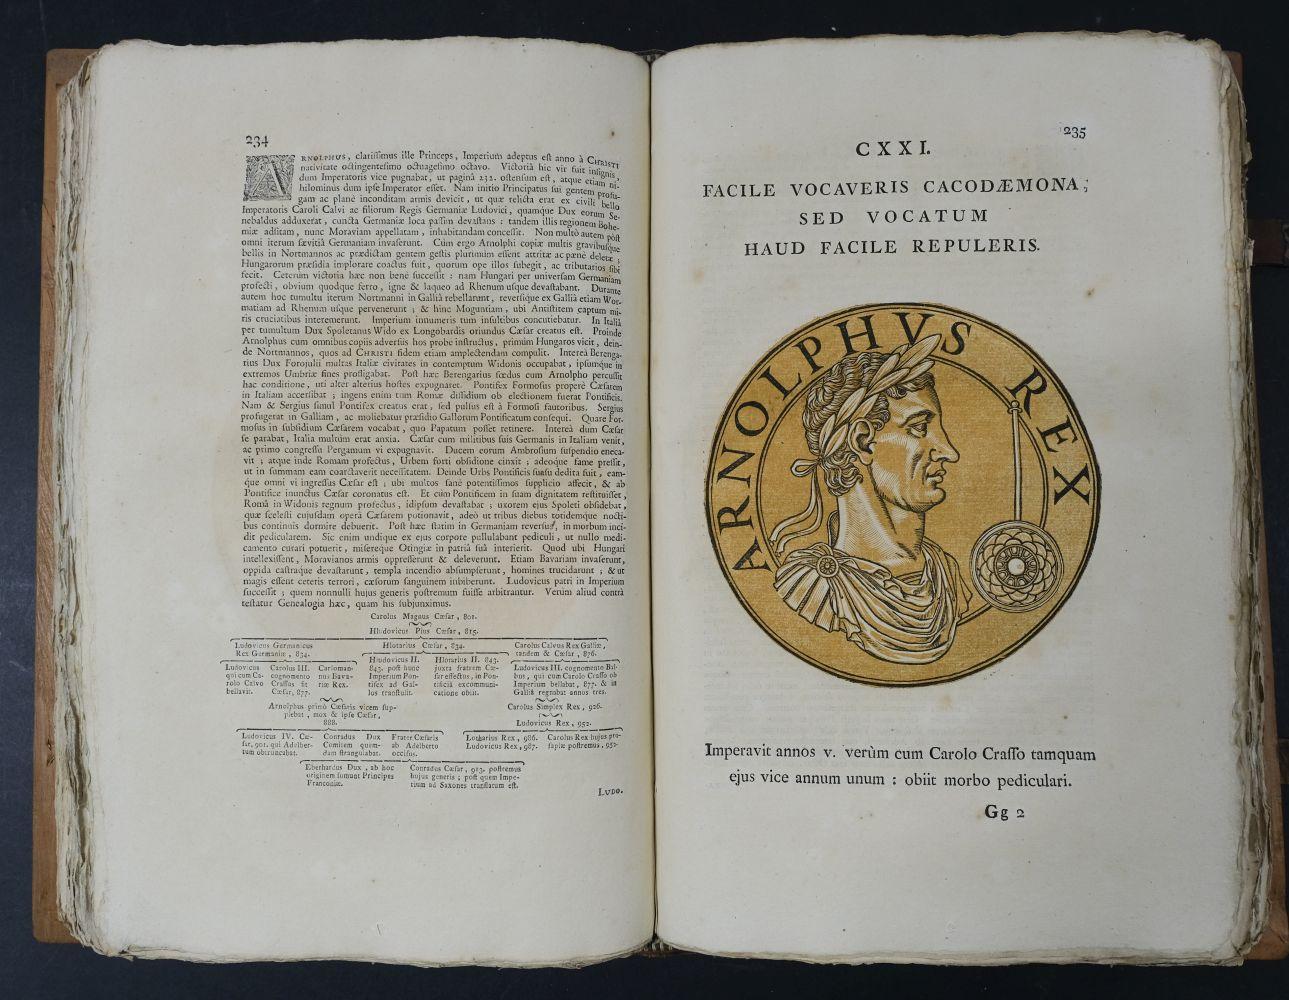 Goltzius (Hubert). Icones Imperatorum Romanorum, 1708 - Image 11 of 13